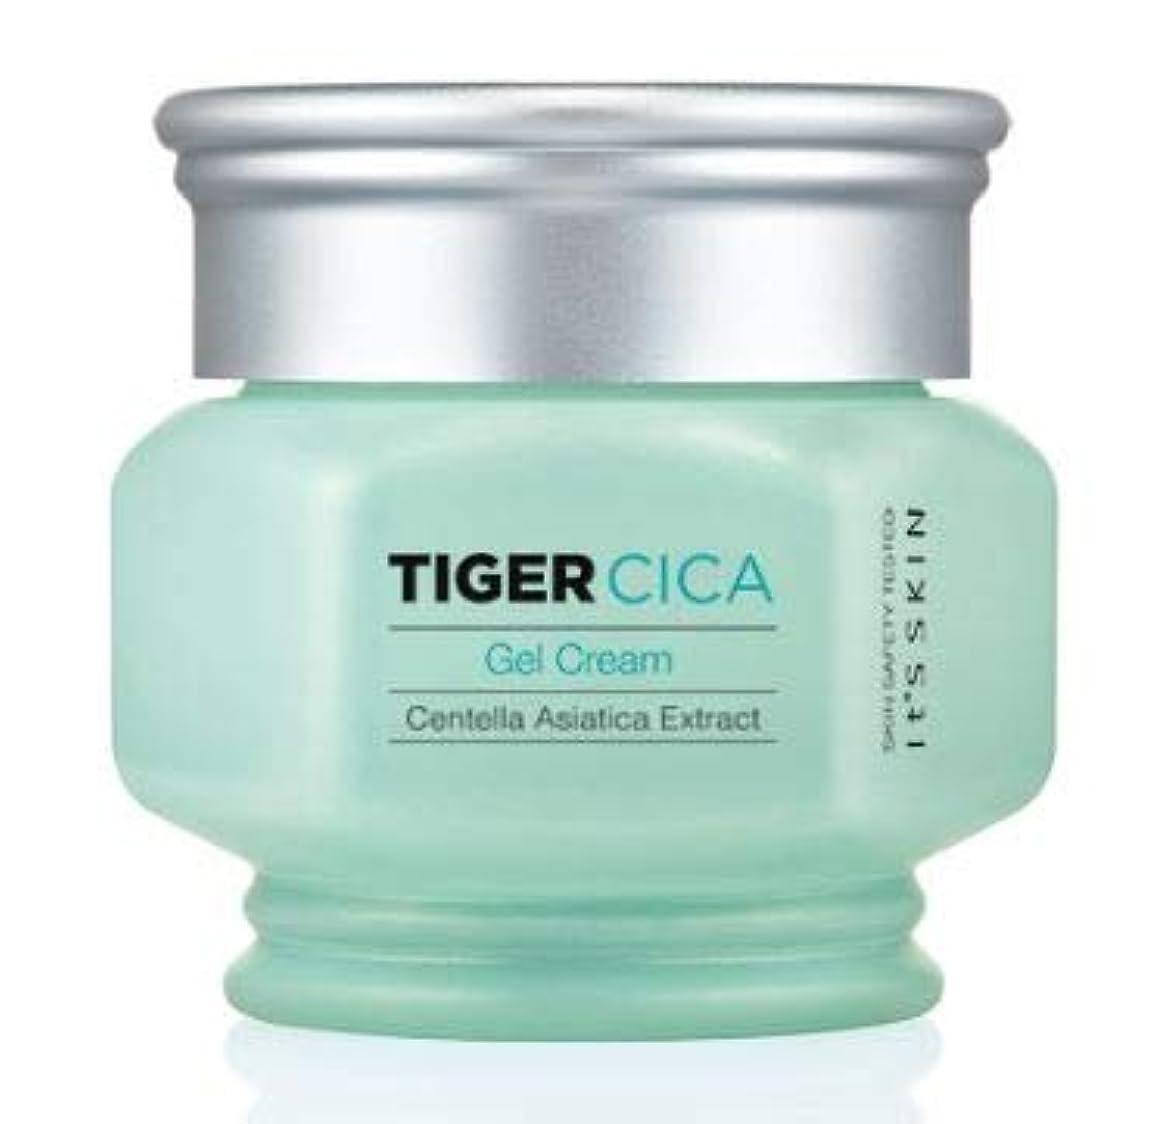 キロメートル刻むこしょう[It's Skin] Tiger Cica Gel Cream /[イッツスキン] タイガーシカ ジェル クリーム [並行輸入品]